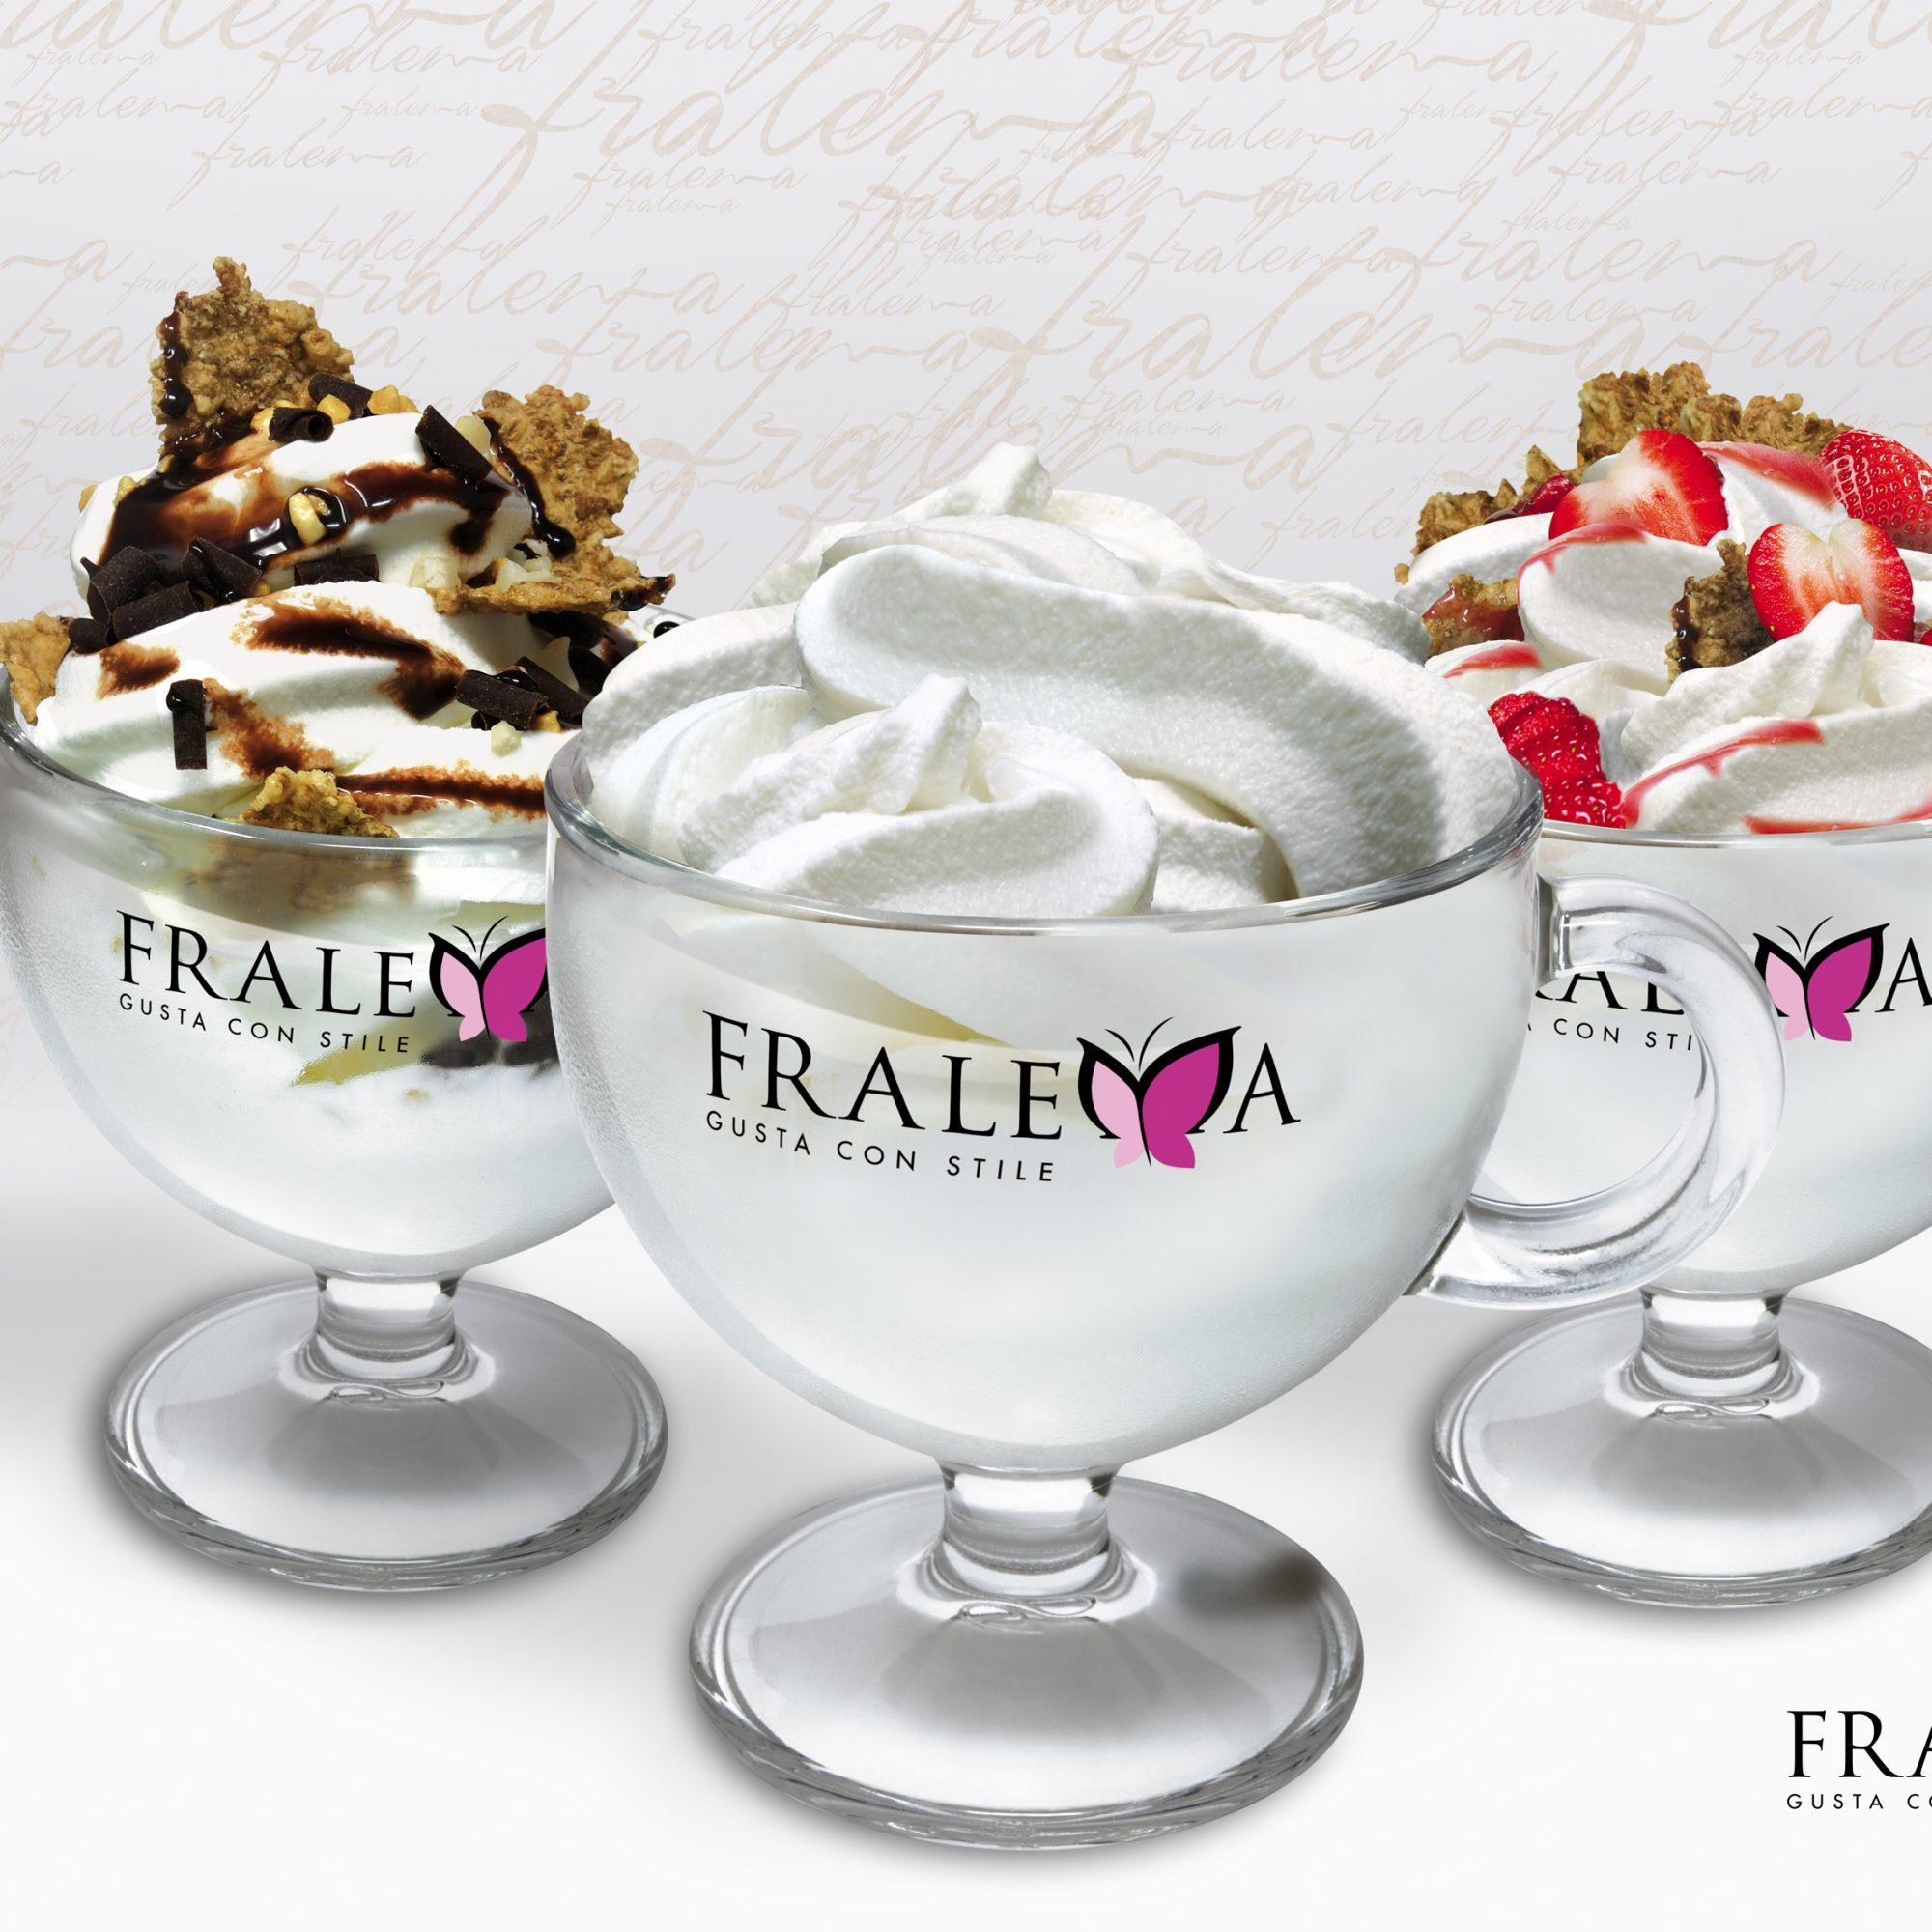 fralema_prodotti per la caffetteria_i freddi_yogurt neutro_yogurt fragole_yogurt scaglie cioccolato granella nocciola topping cioccolato